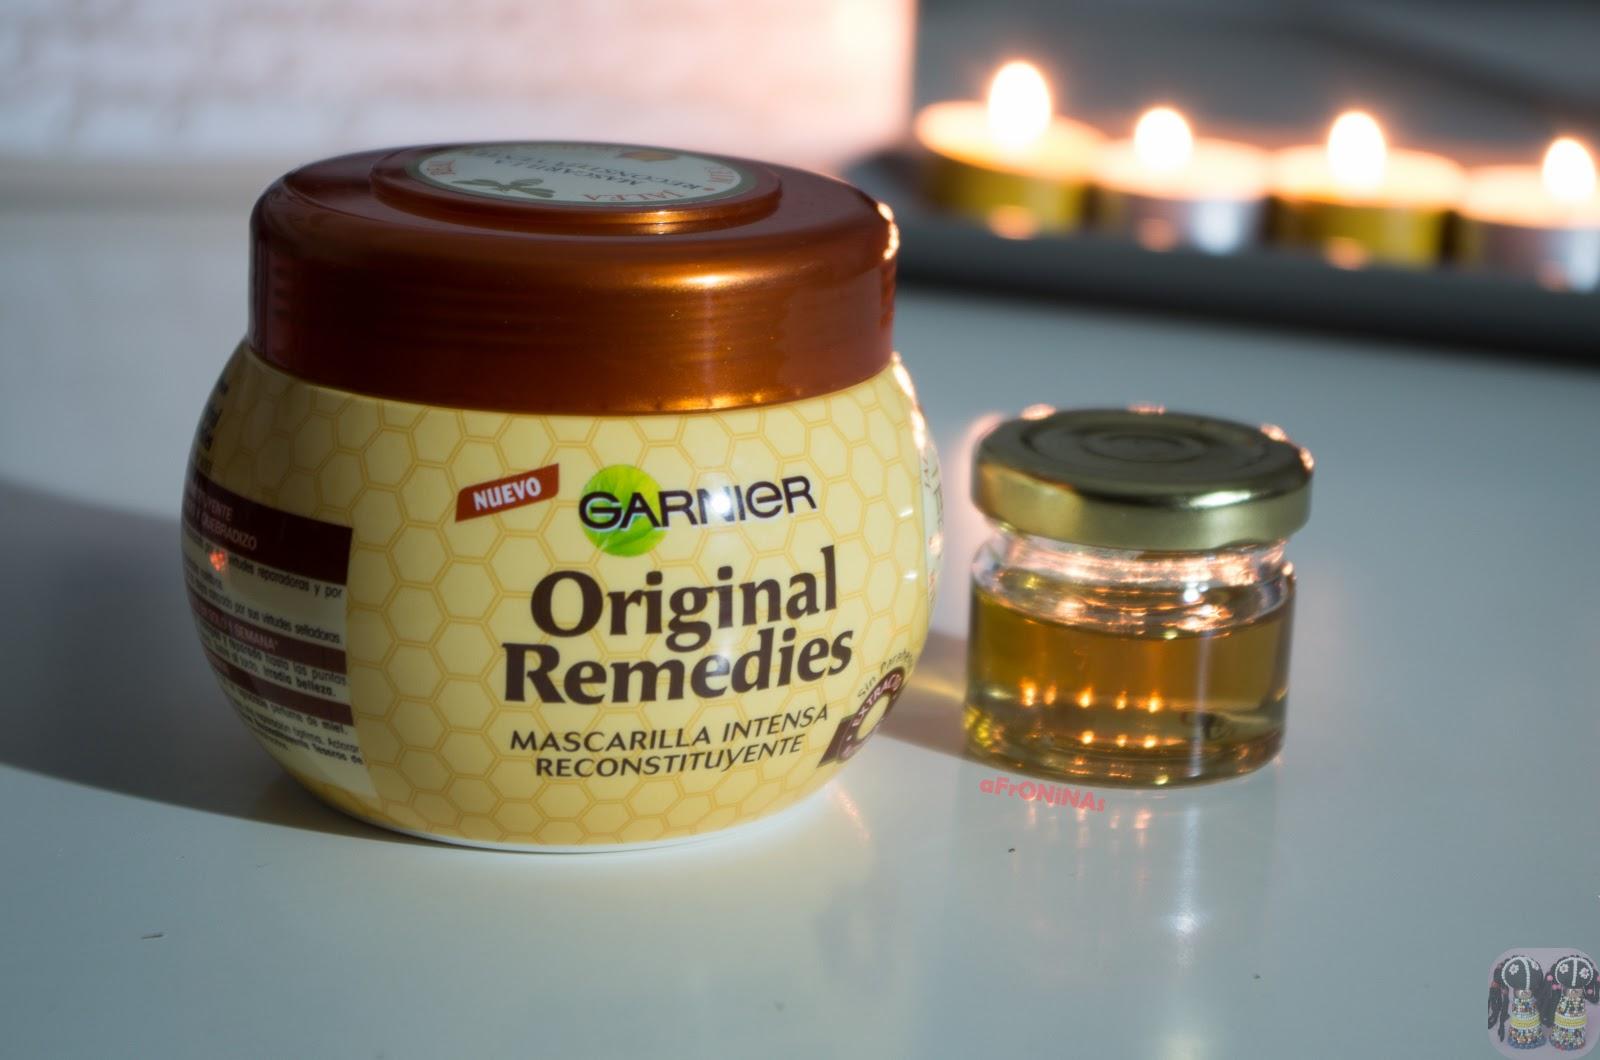 jamaican black castor oil aceite ricino negro jamaicano garnier tesoros de miel original remedies